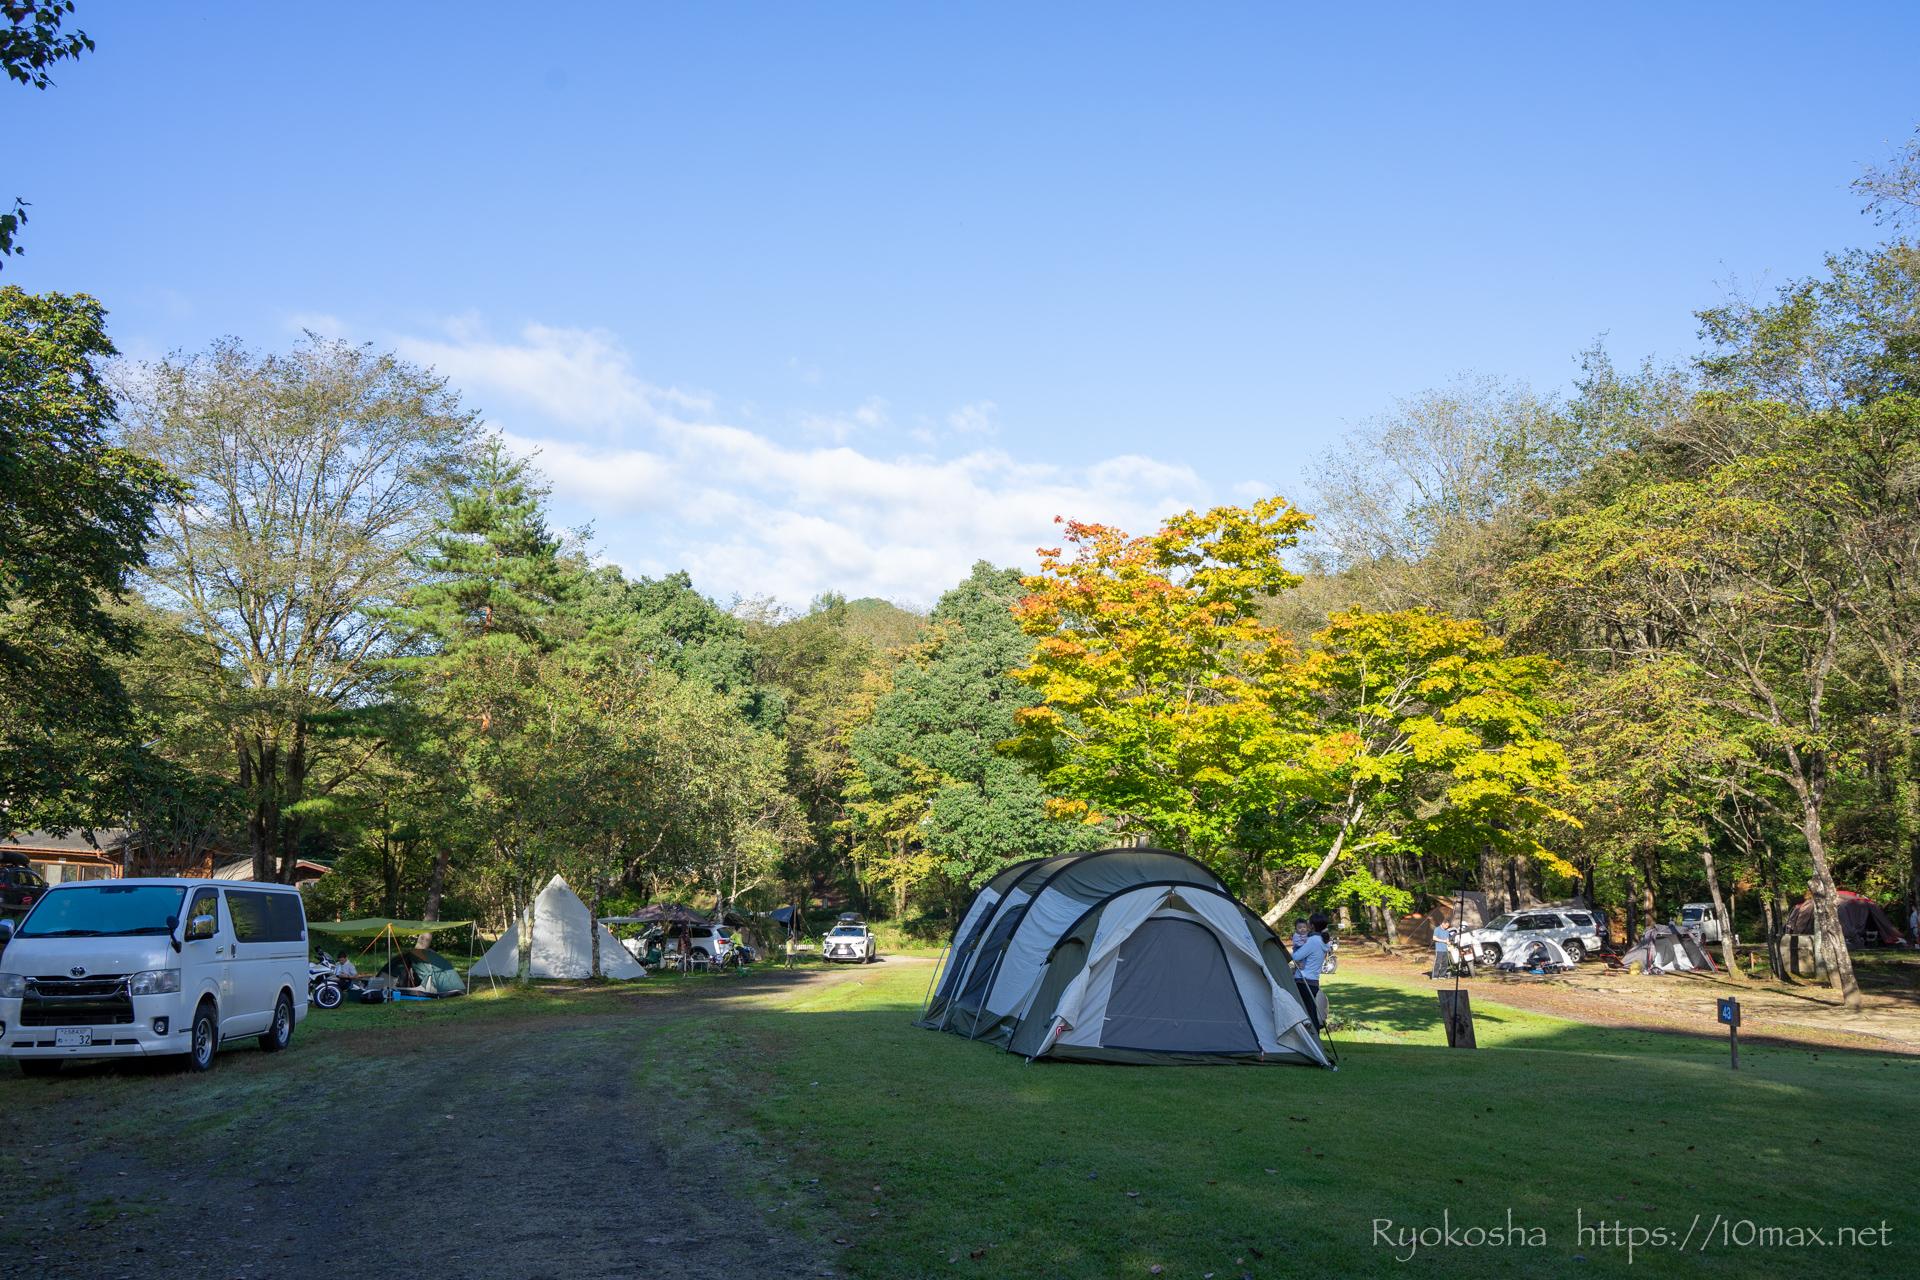 暮坂高原オートキャンプ場 テントサイト 広場エリア